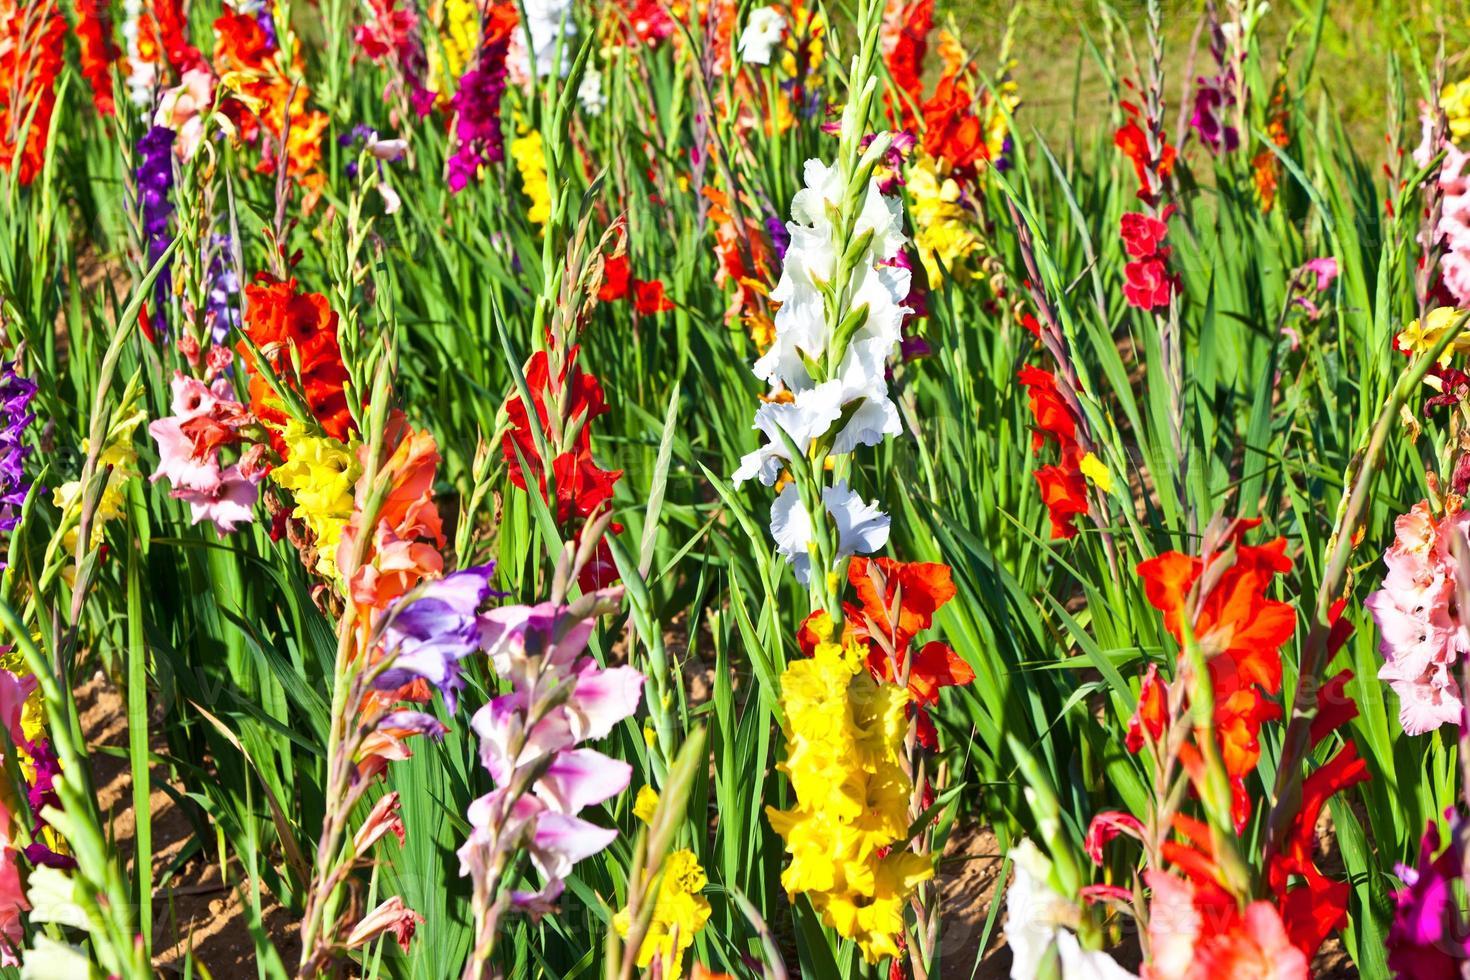 lindas flores no prado foto